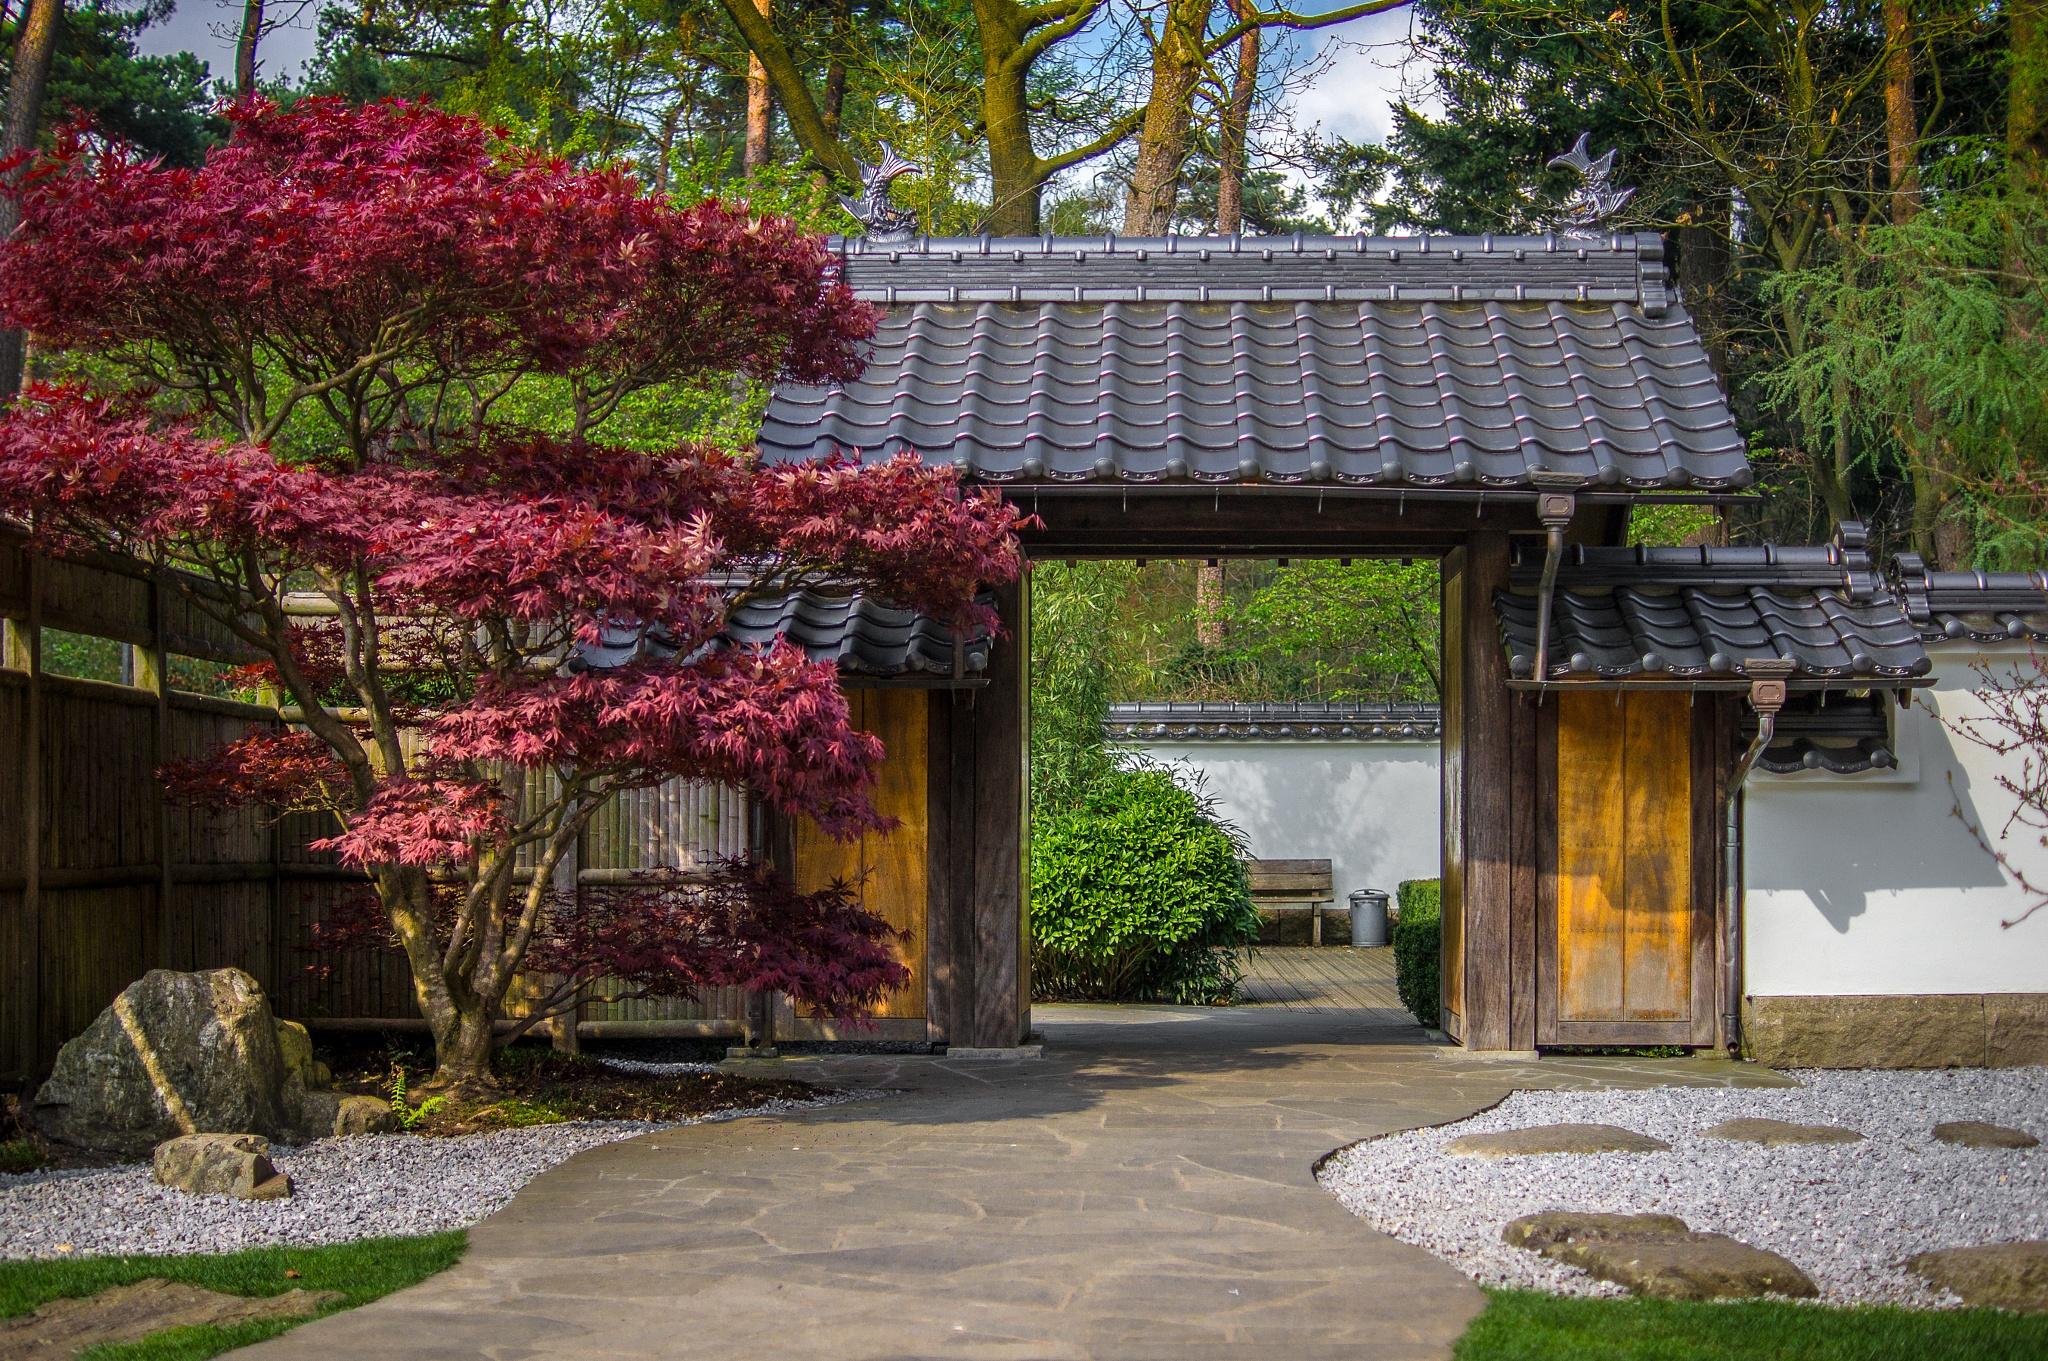 Japanese Garden by Matt H. Imaging